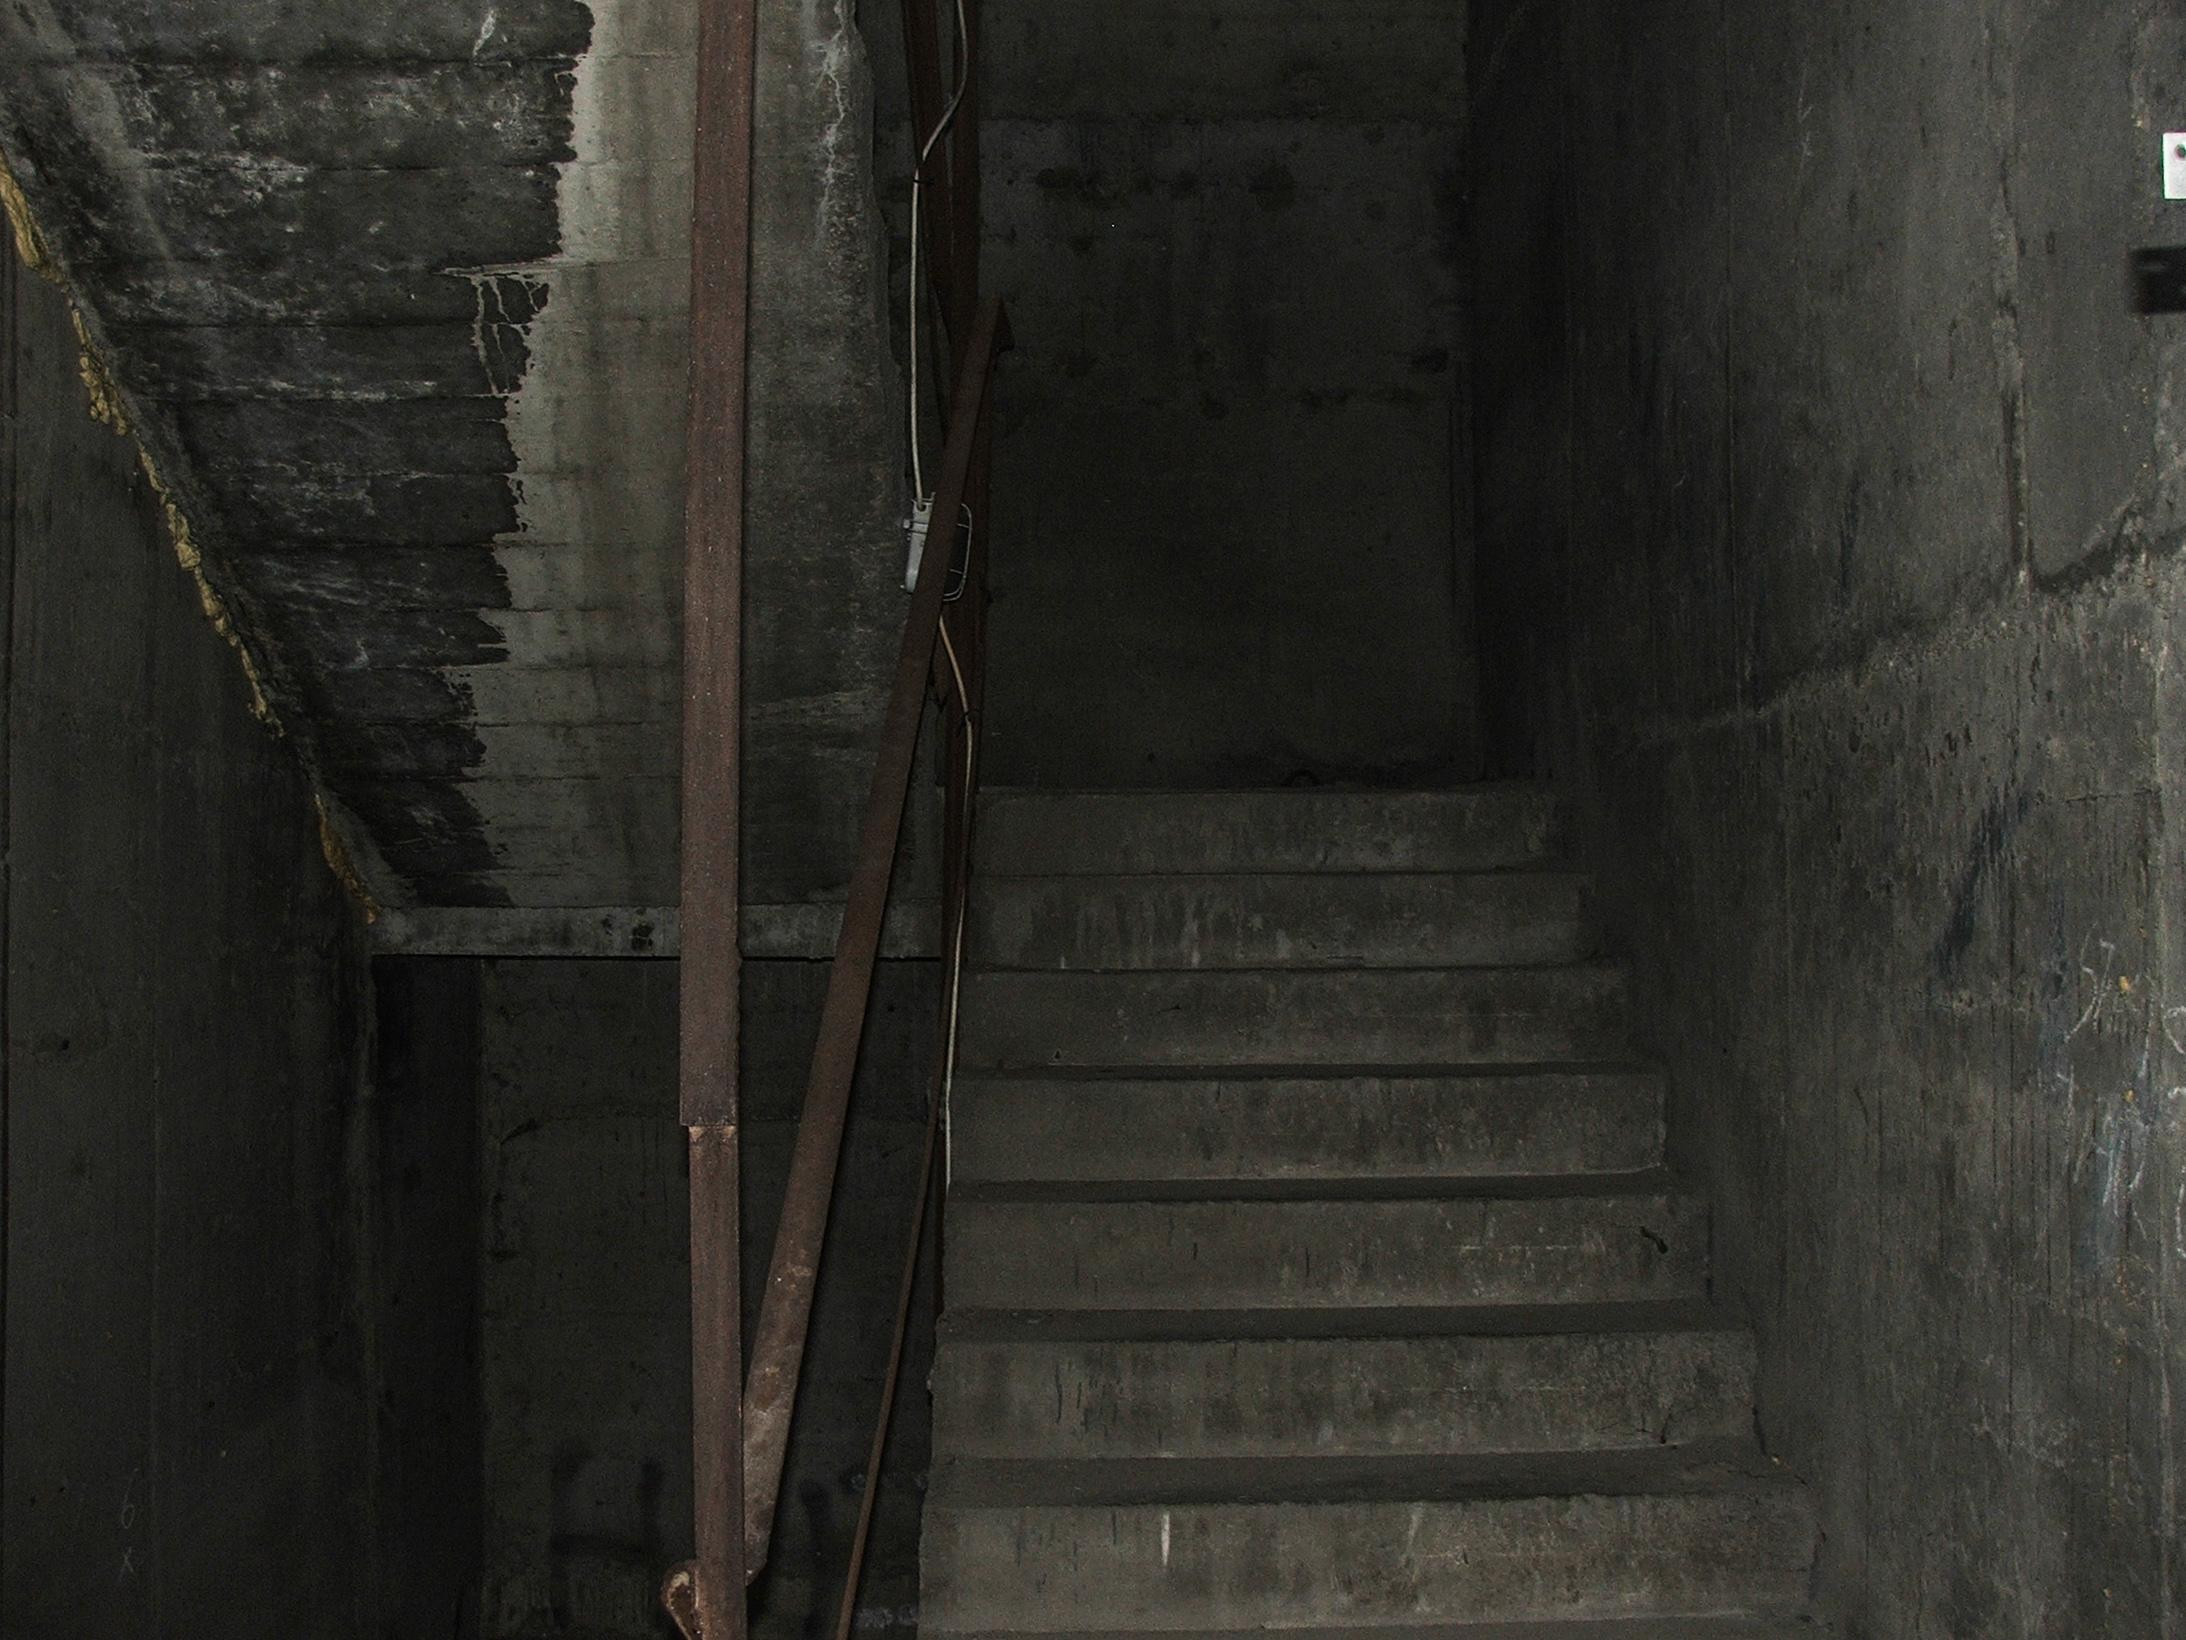 Klatka schodowa (fot. Damian Dziura)